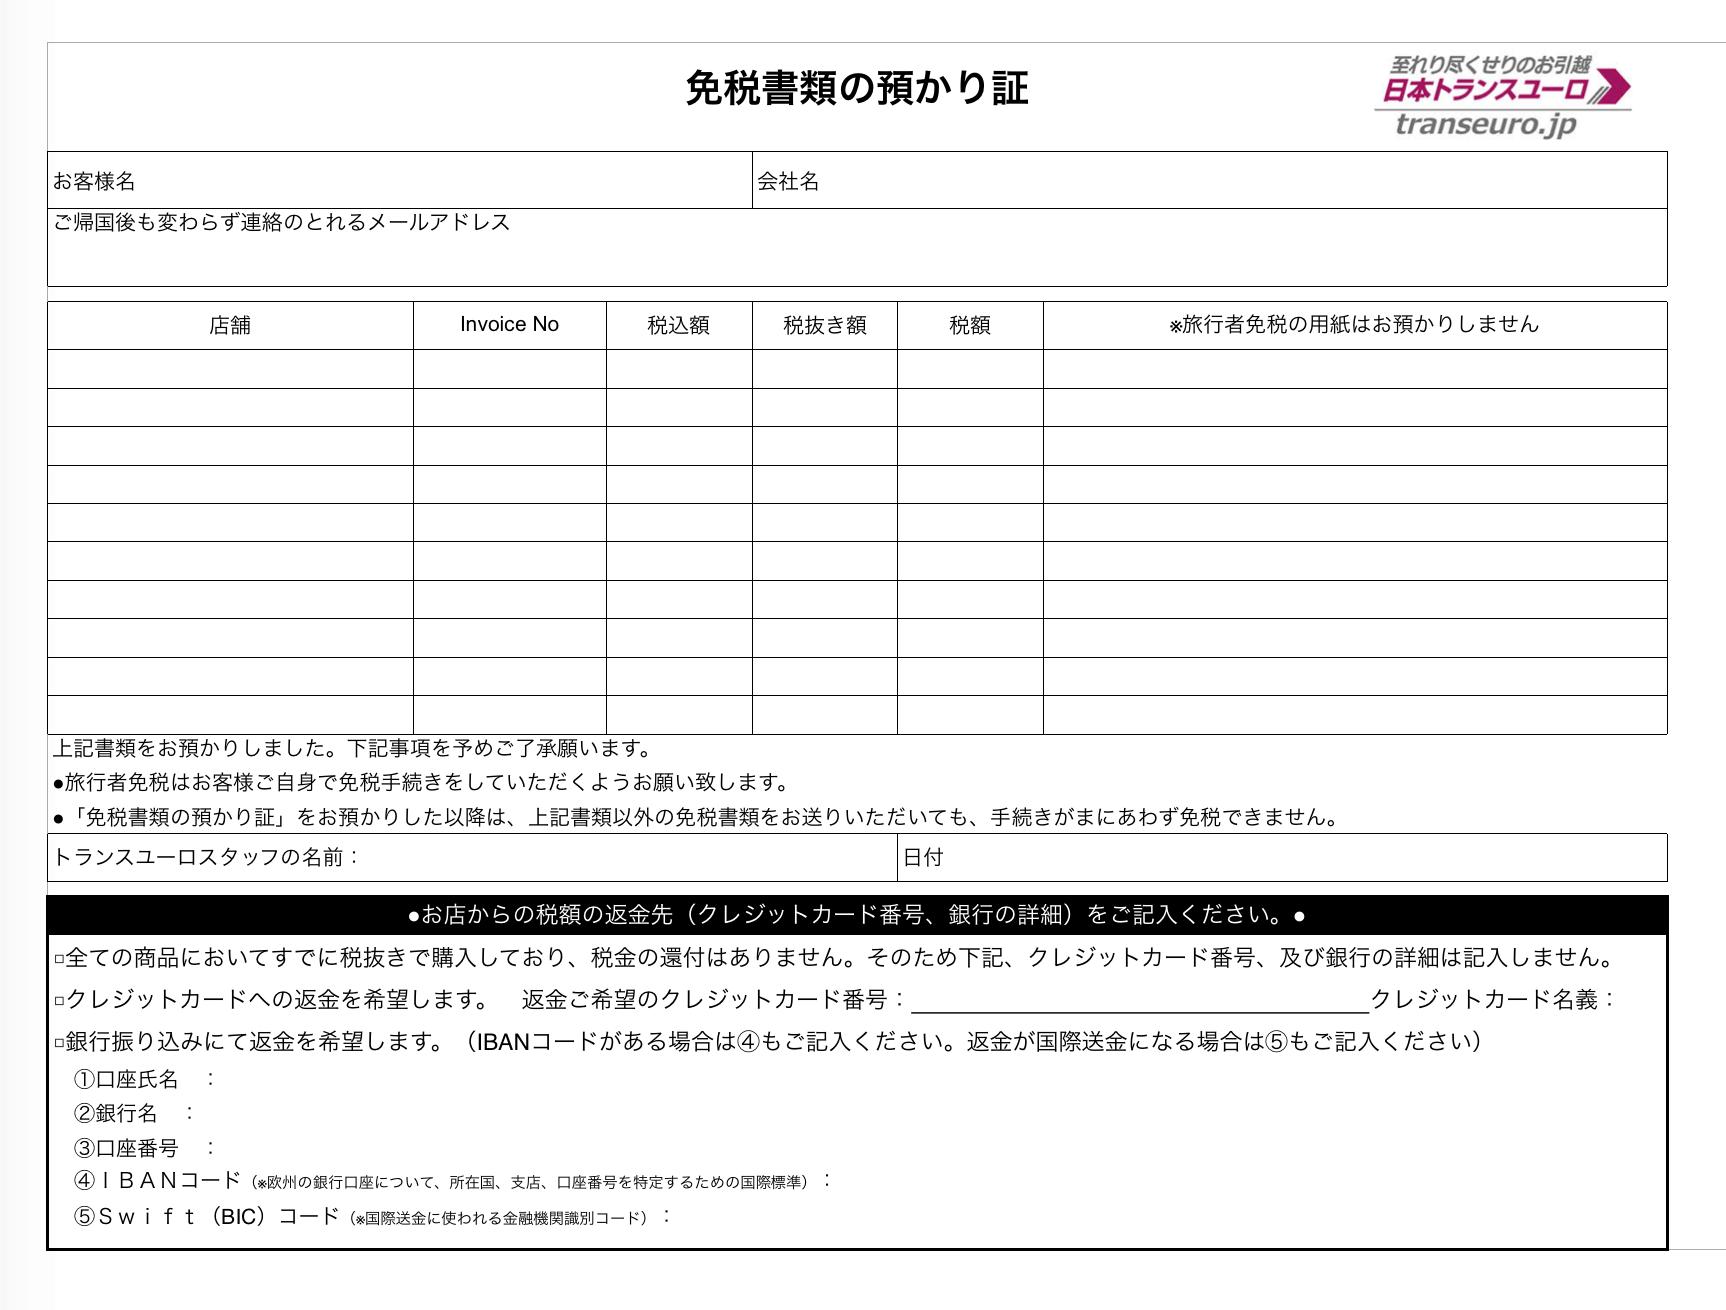 免税書類の預り証2018Jul_y版